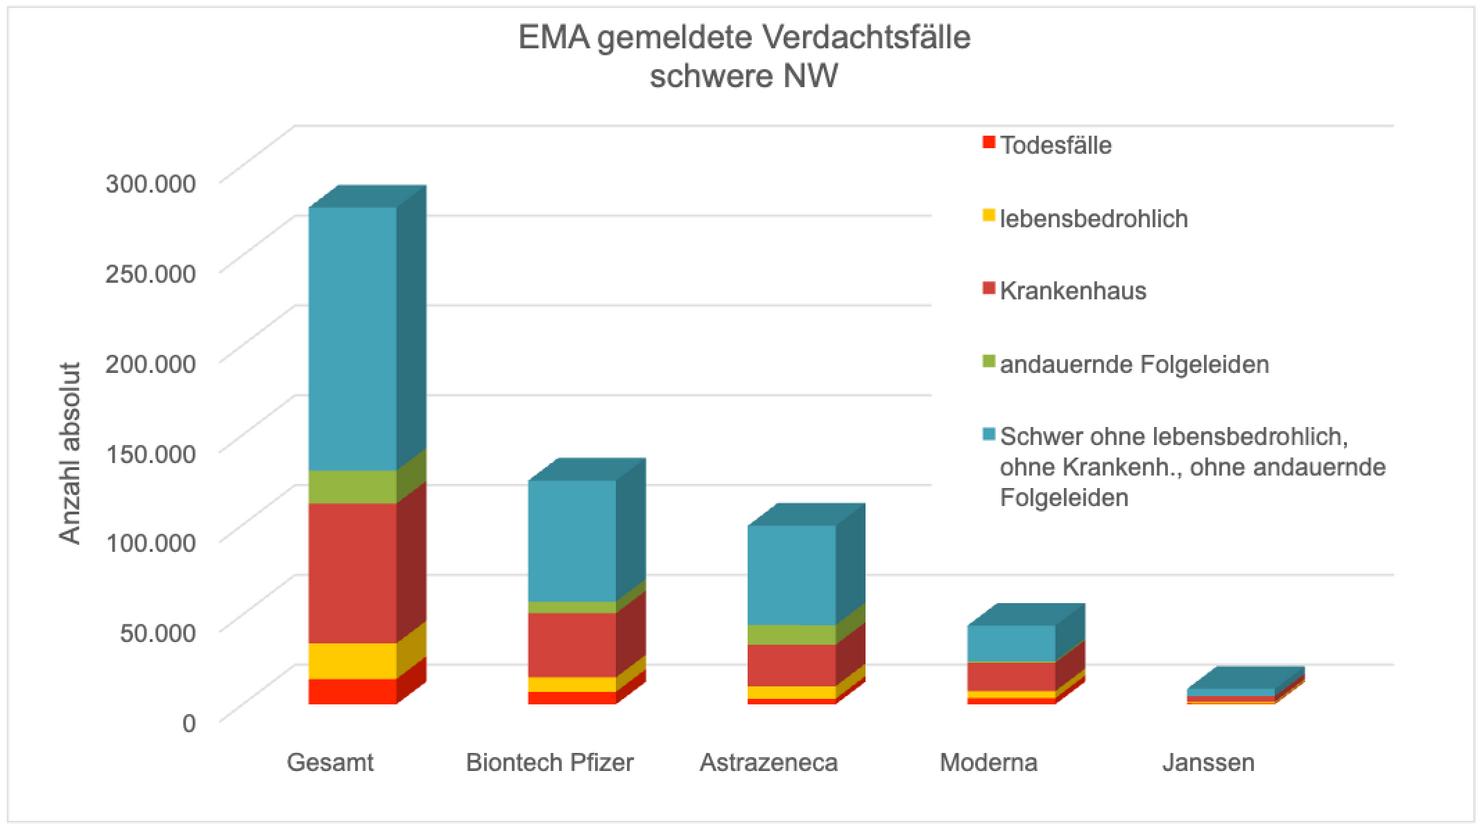 Transparenztest Archi.medes, EMA gemeldete Verdachtsfaelle schwere Nebenwirkungen mRNA Covid Impfstoffe, 03.09.21